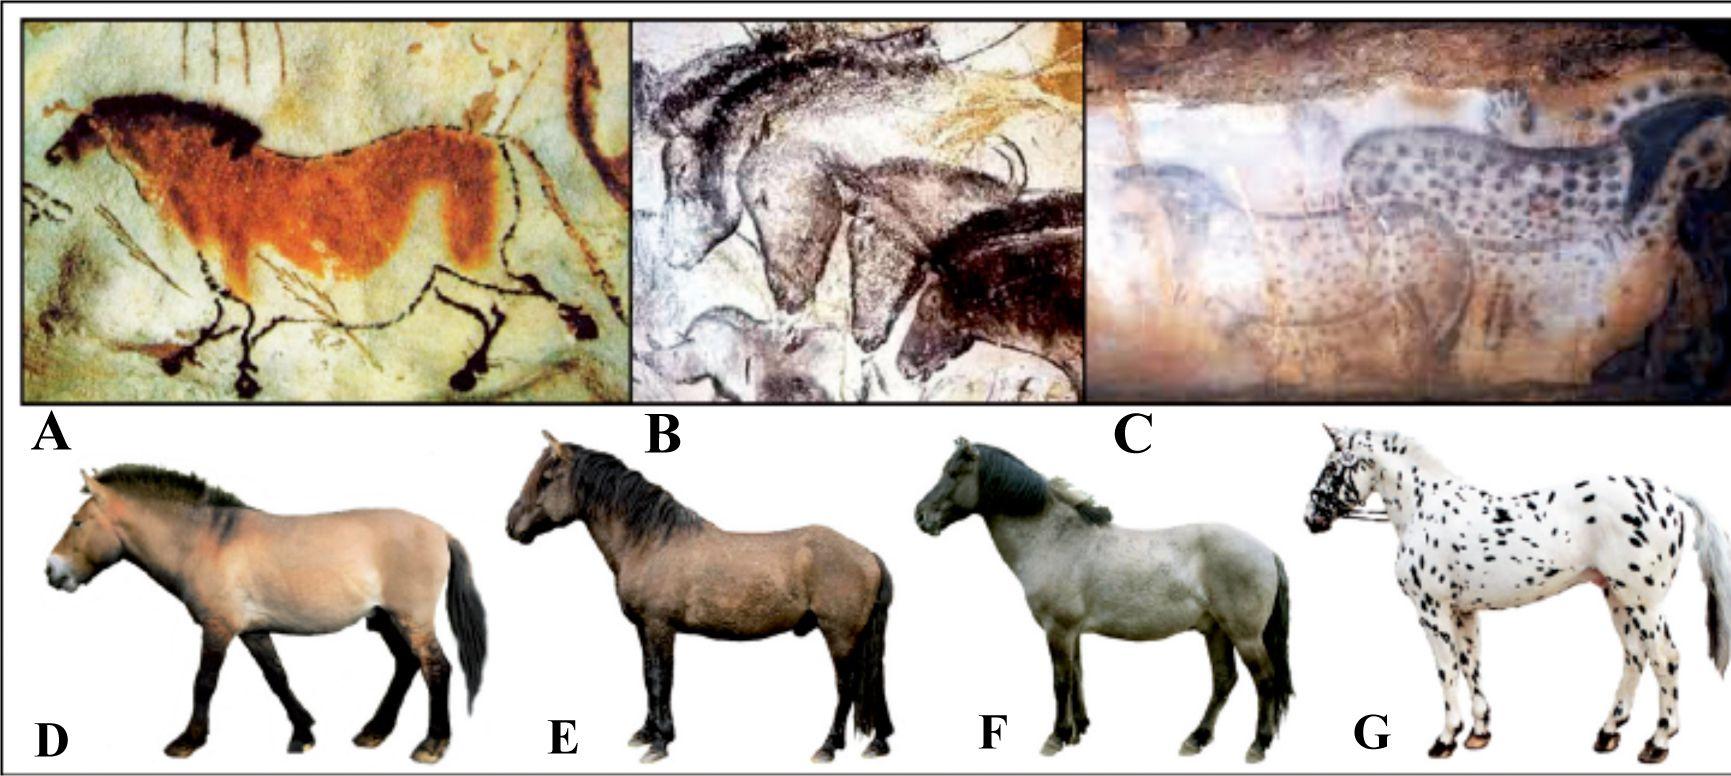 La capa que aparece en los caballos de Pech Merle (derecha), existía en el Paleolítico, según una investigación de la UAM